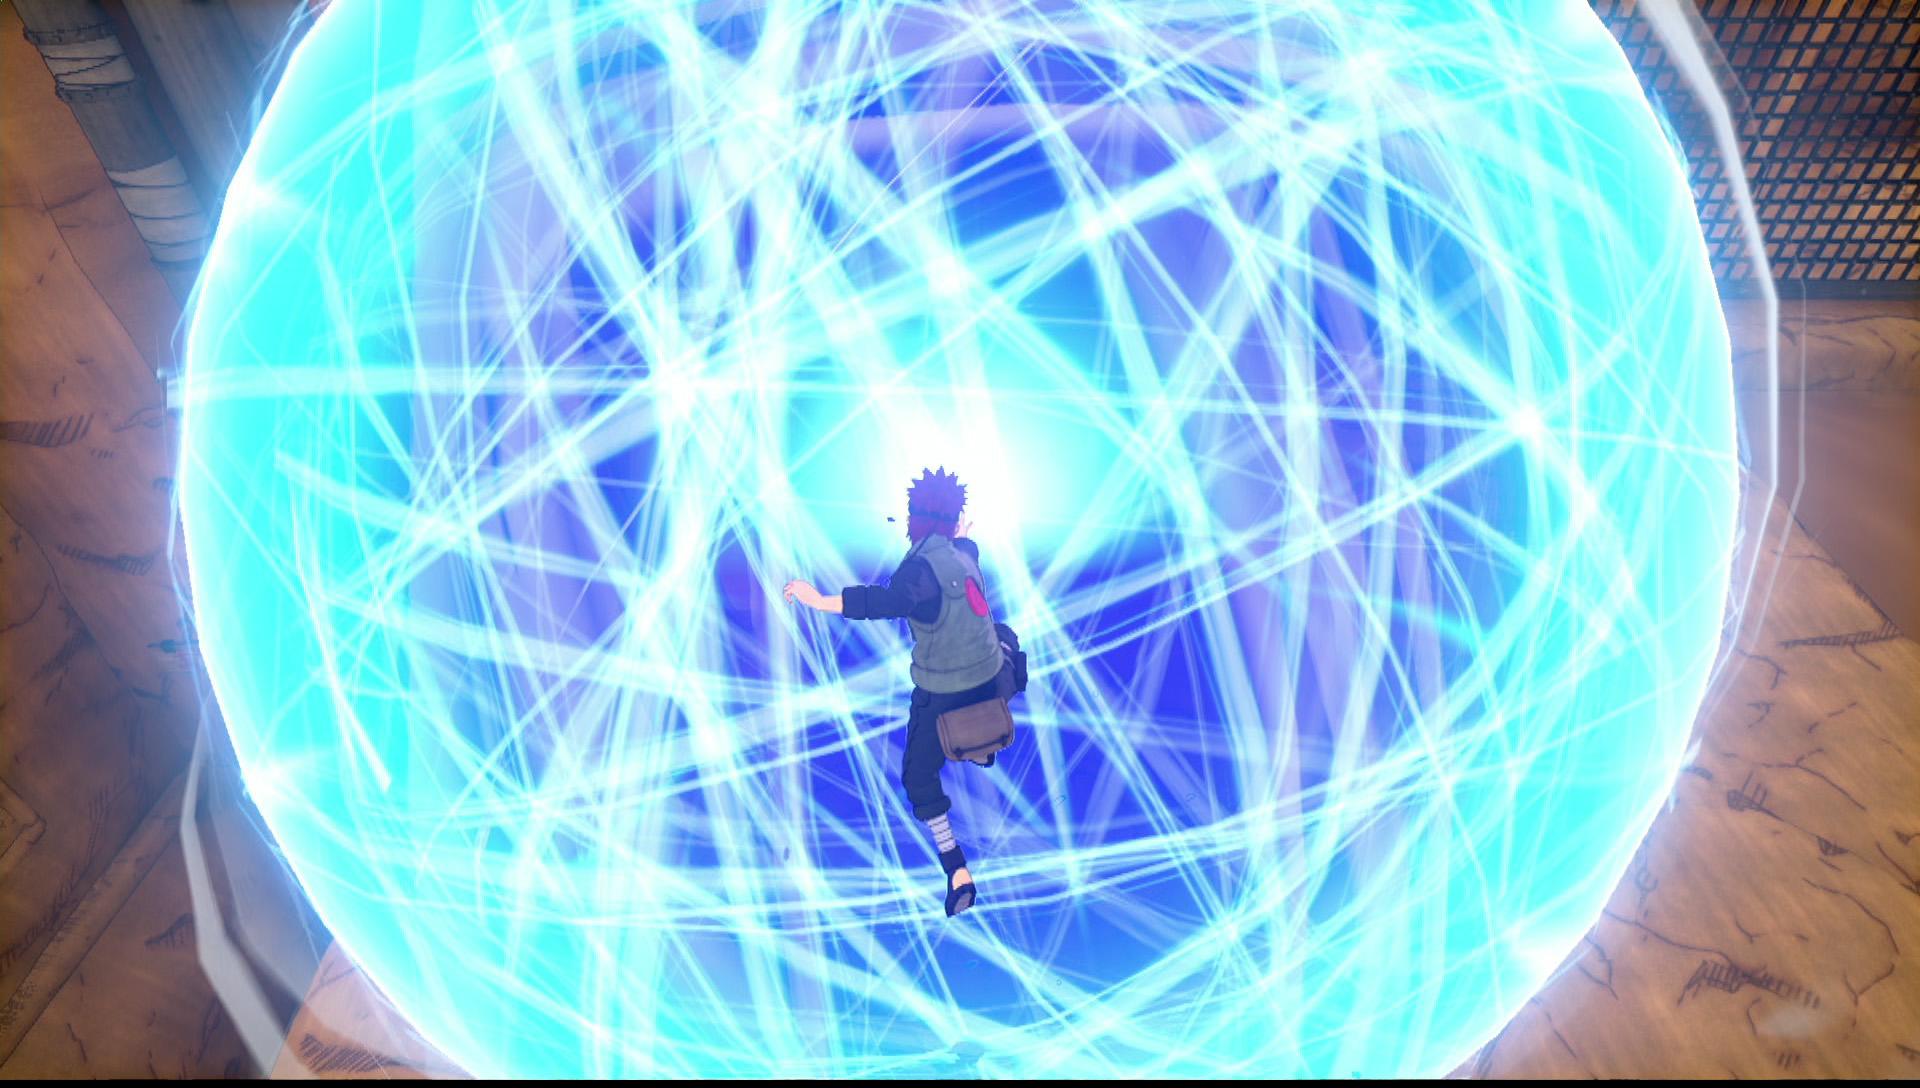 Naruto To Boruto: Shinobi Striker PS4 Open Beta Feb  23-25